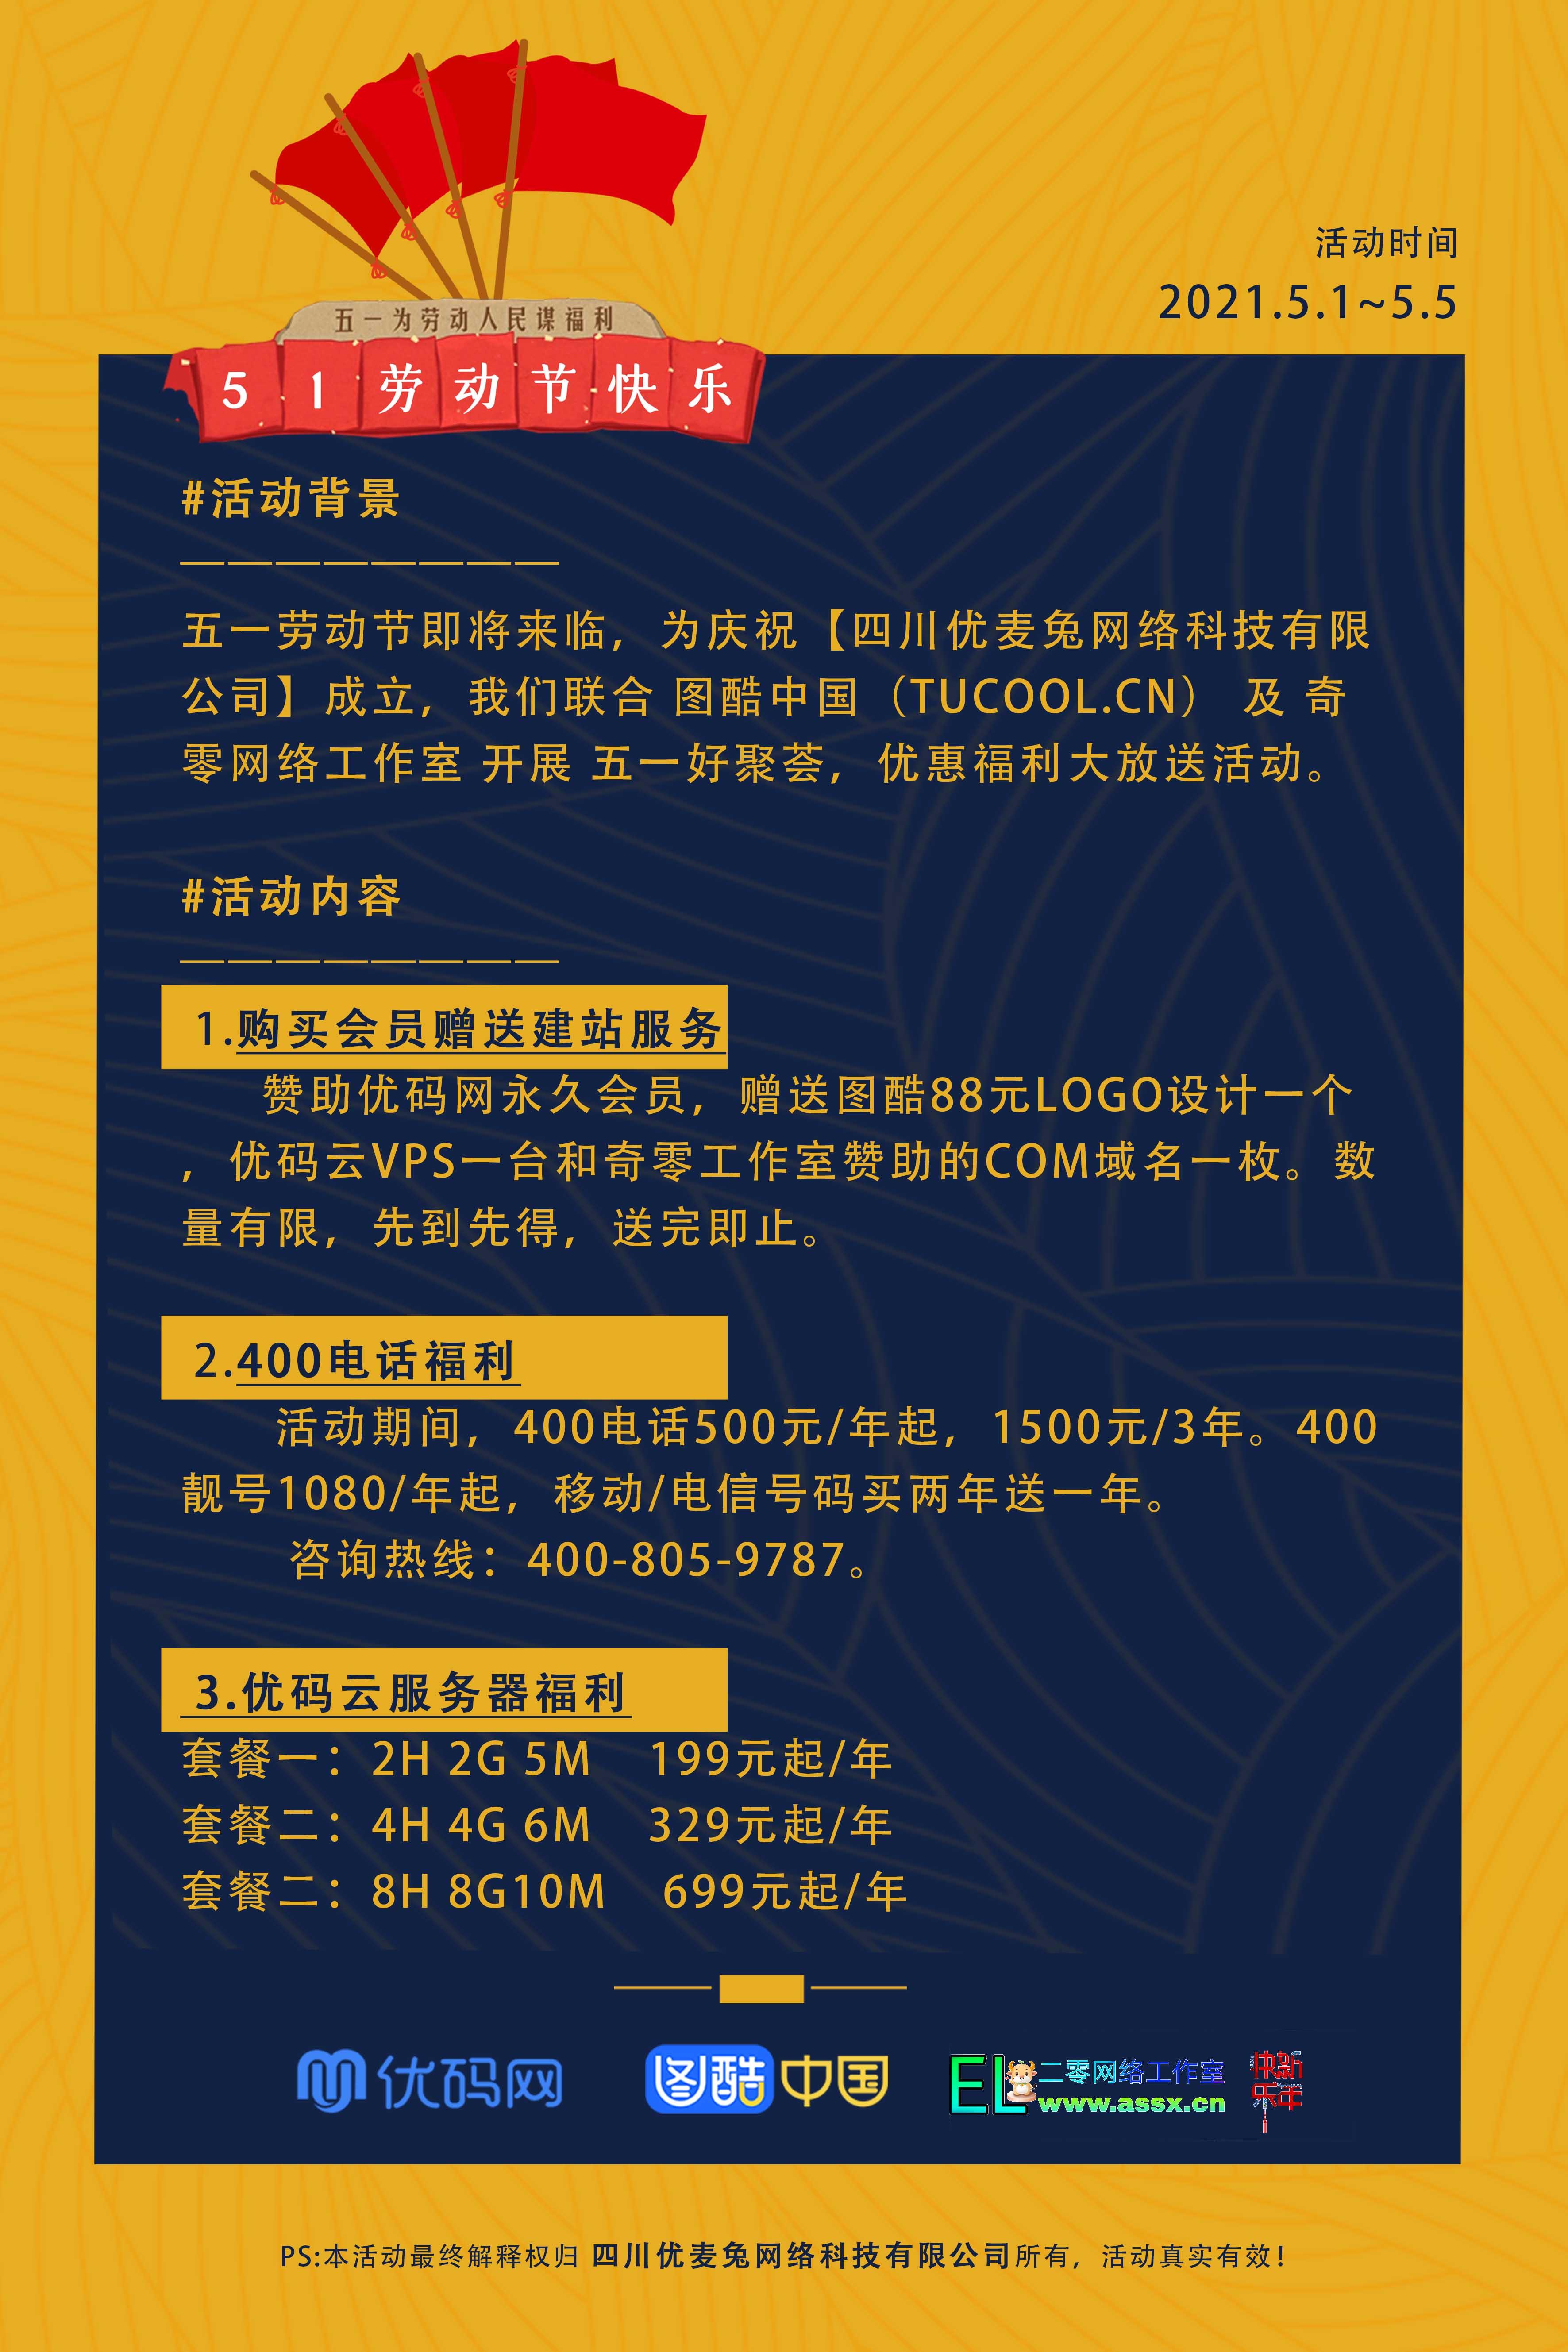 【五一】祝贺四川优麦兔网络科技有限公司成立奇零五一联合活动开始啦!